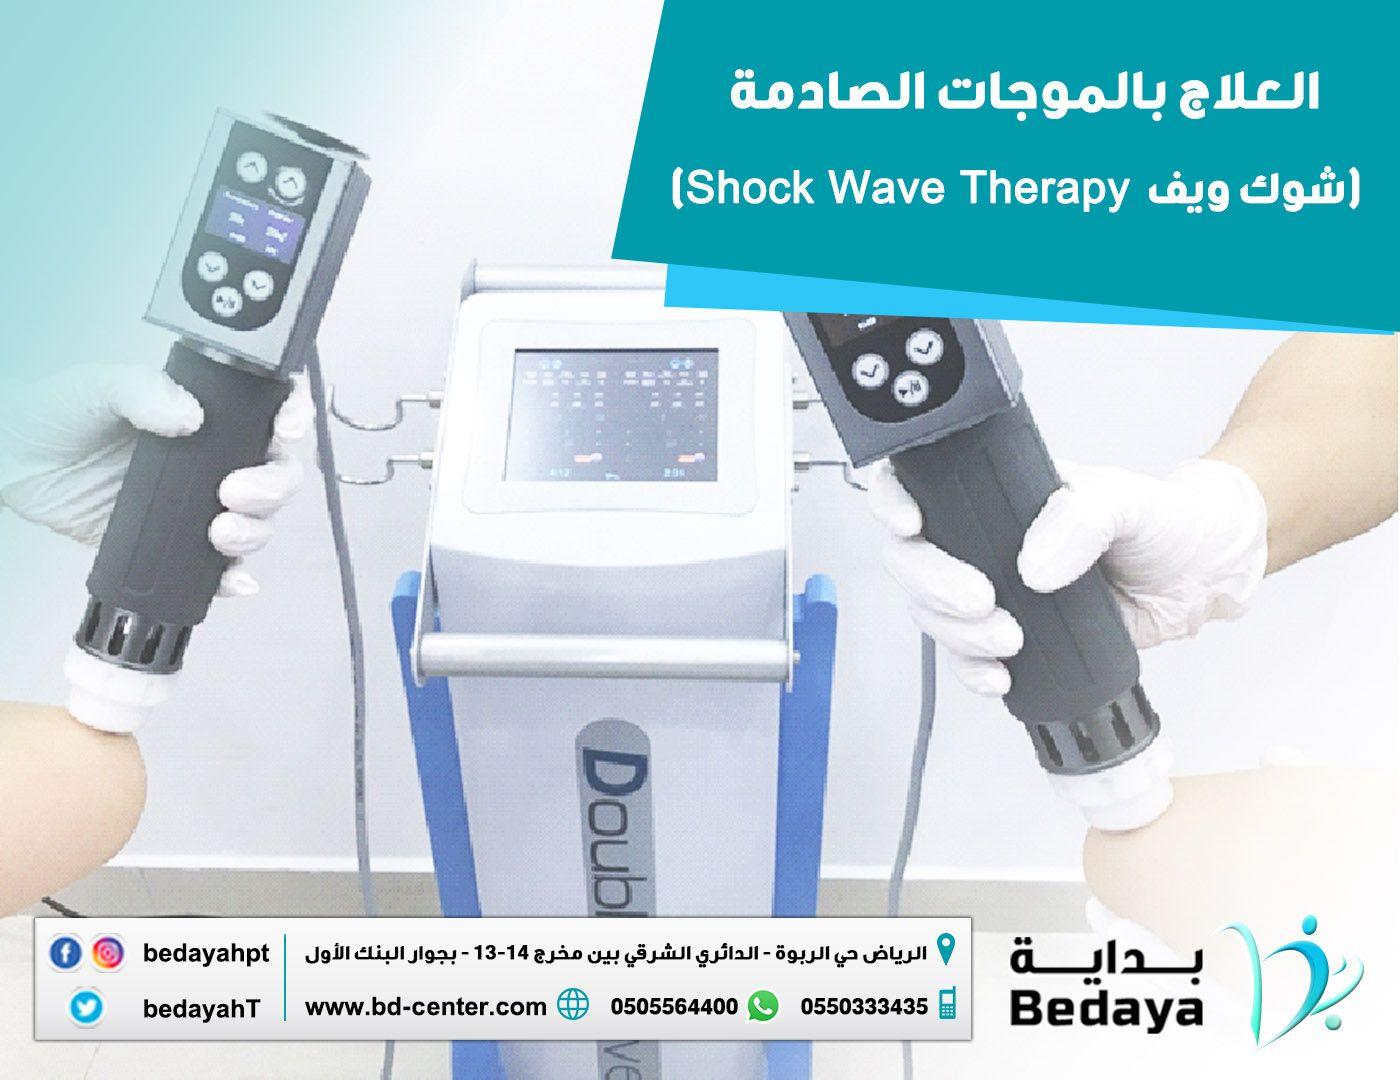 العلاج بالموجات الصادمة Shock Wave Therapy Reading